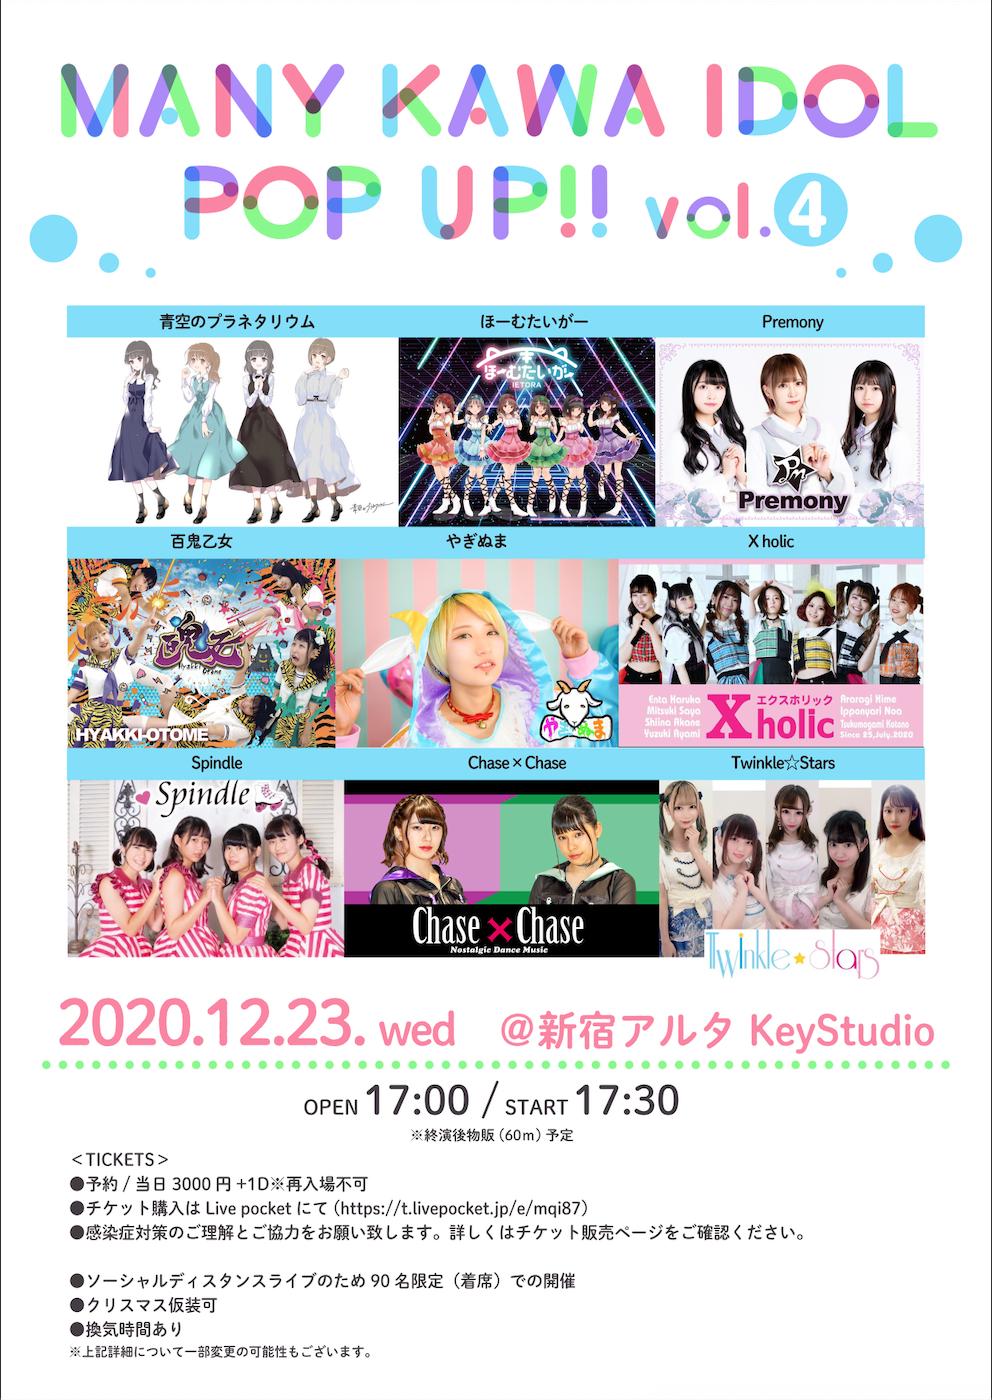 MANY KAWA IDOL POP UP!! vol.4